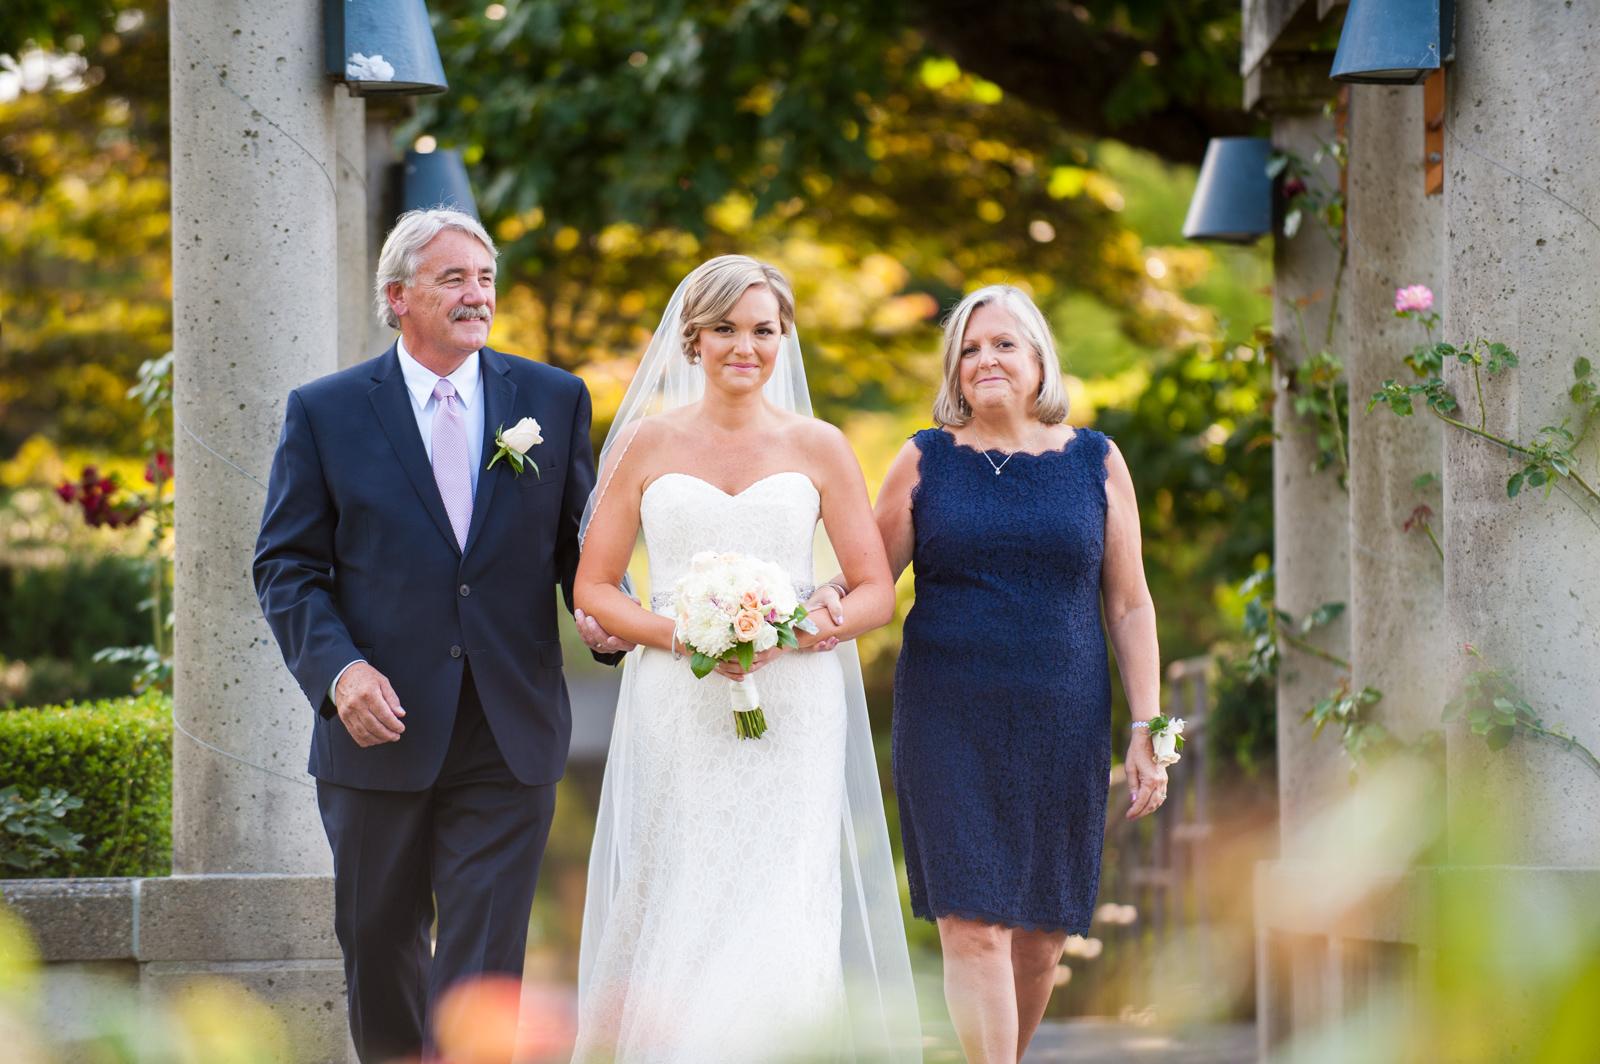 victoria-wedding-photographers-ubc-rose-garden-sage-bistro-wedding-28.jpg